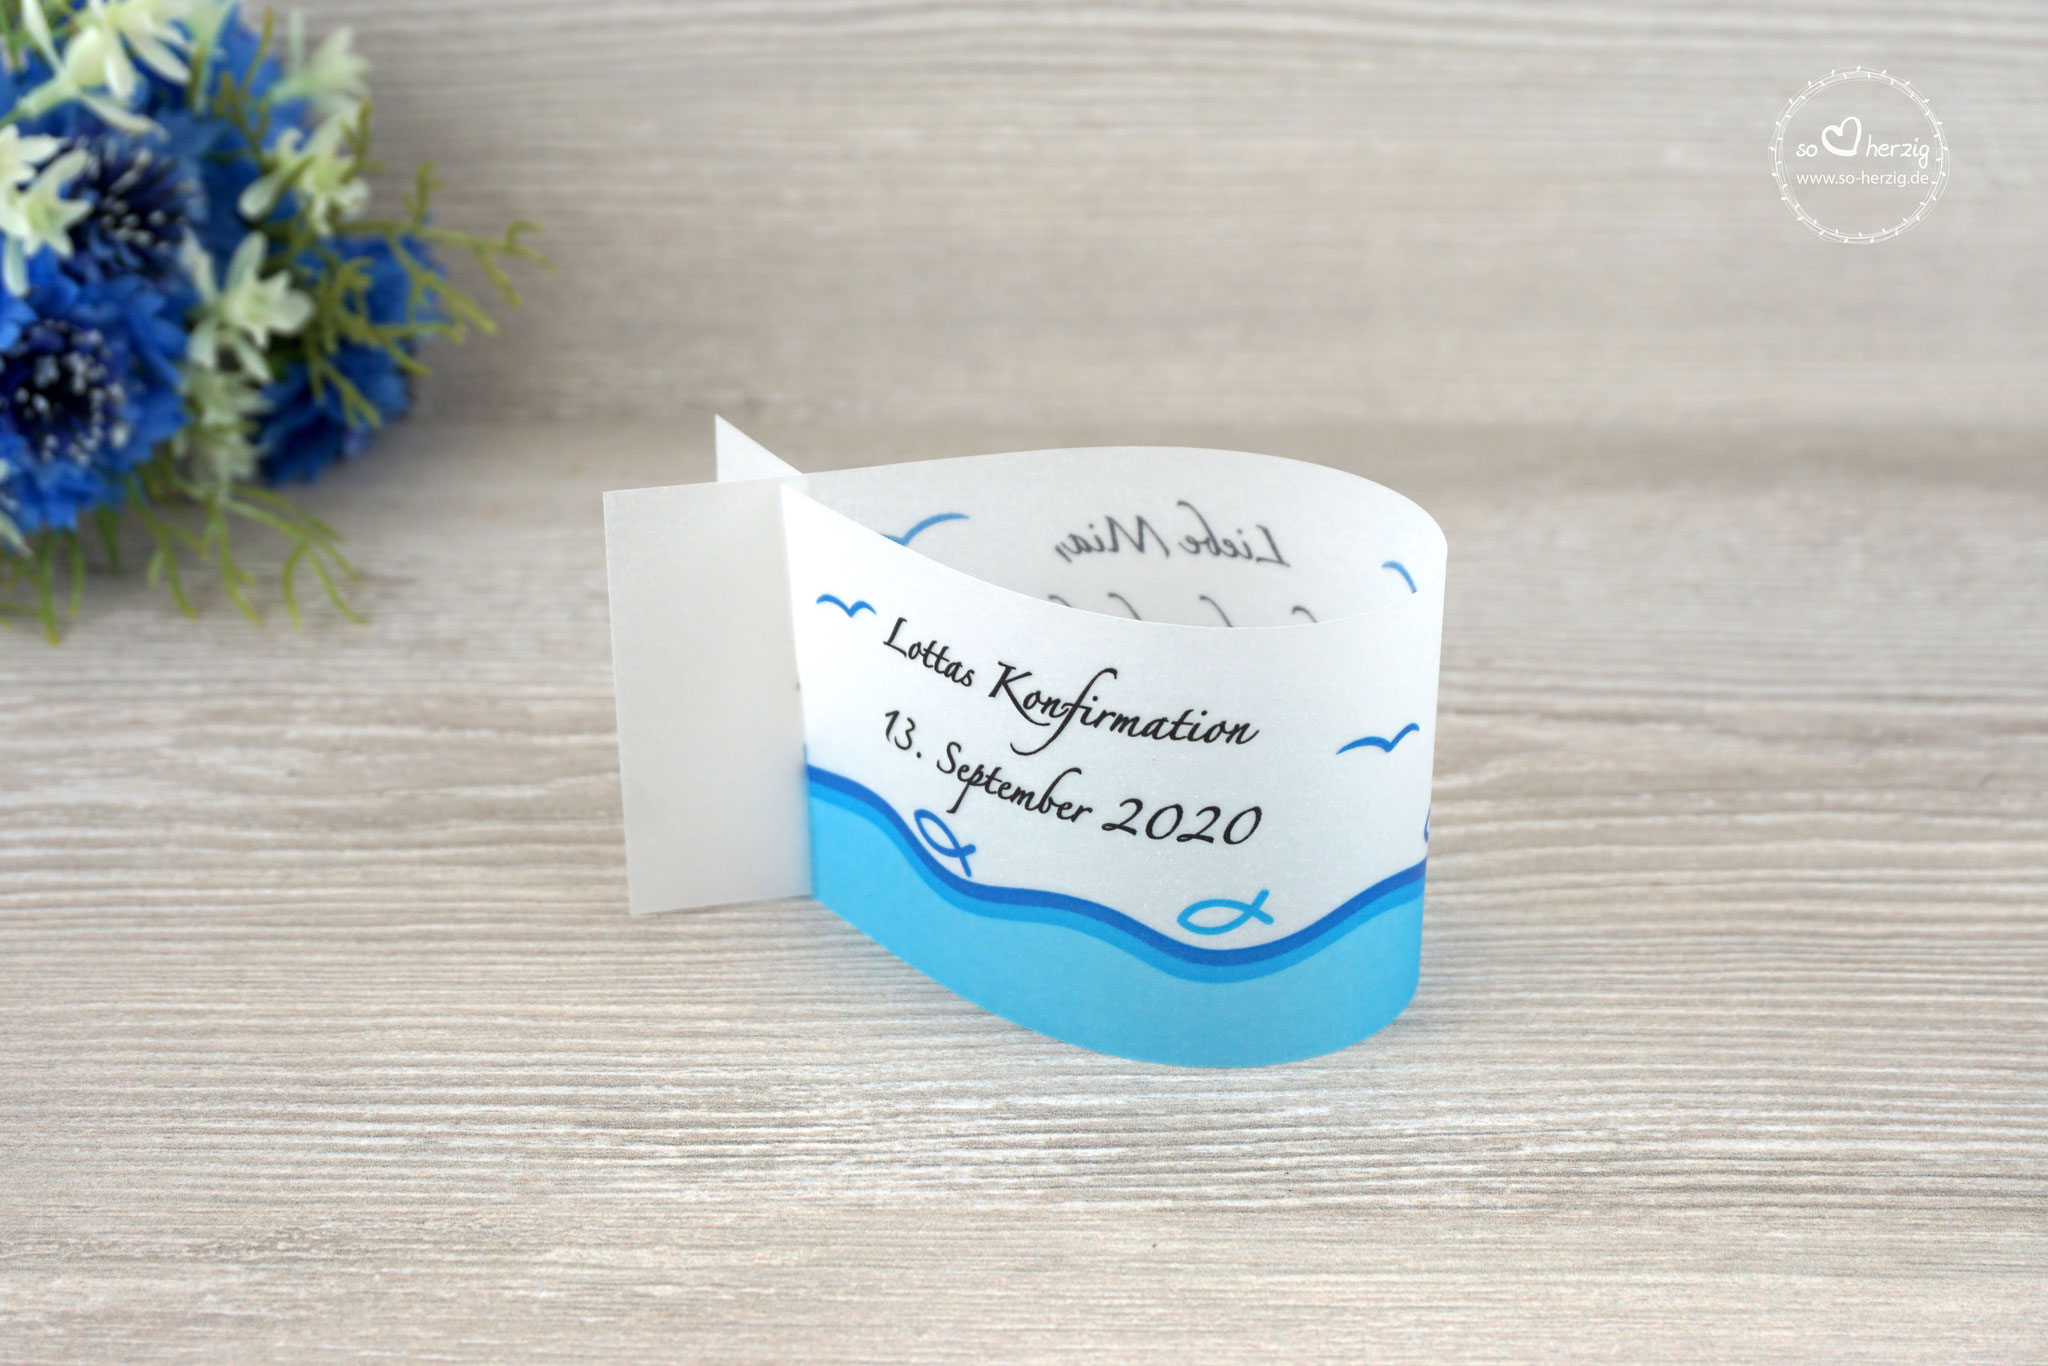 Platzkarte Fischform, Design Fisch Silhouette Blau - Sonderwunsch Möven